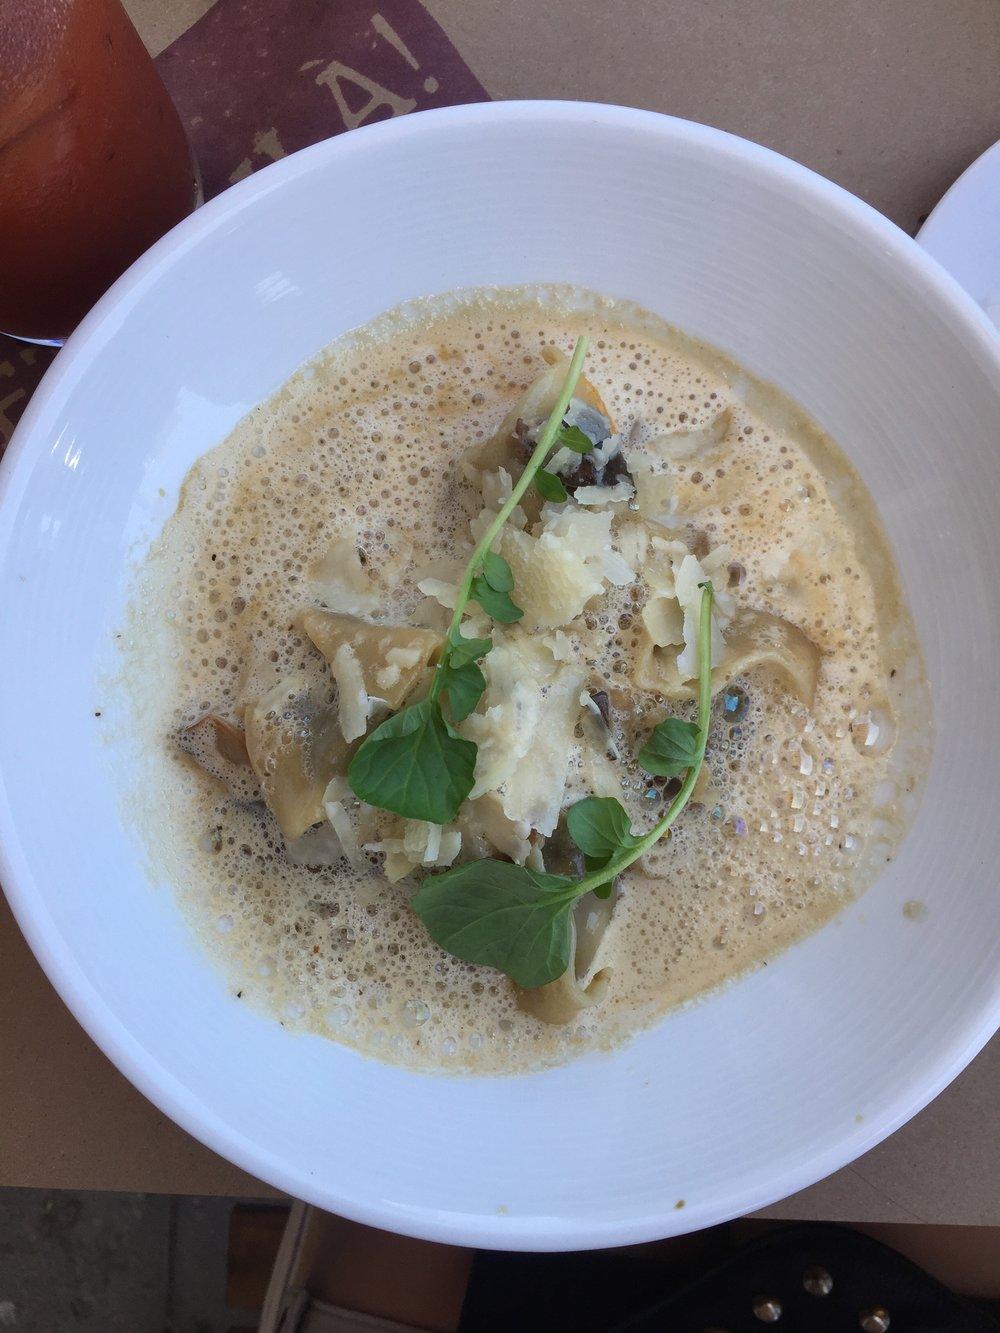 et voila frech bistro aux champignons mushroom ravioli noeth park brunch bloody mary obsessed.jpg